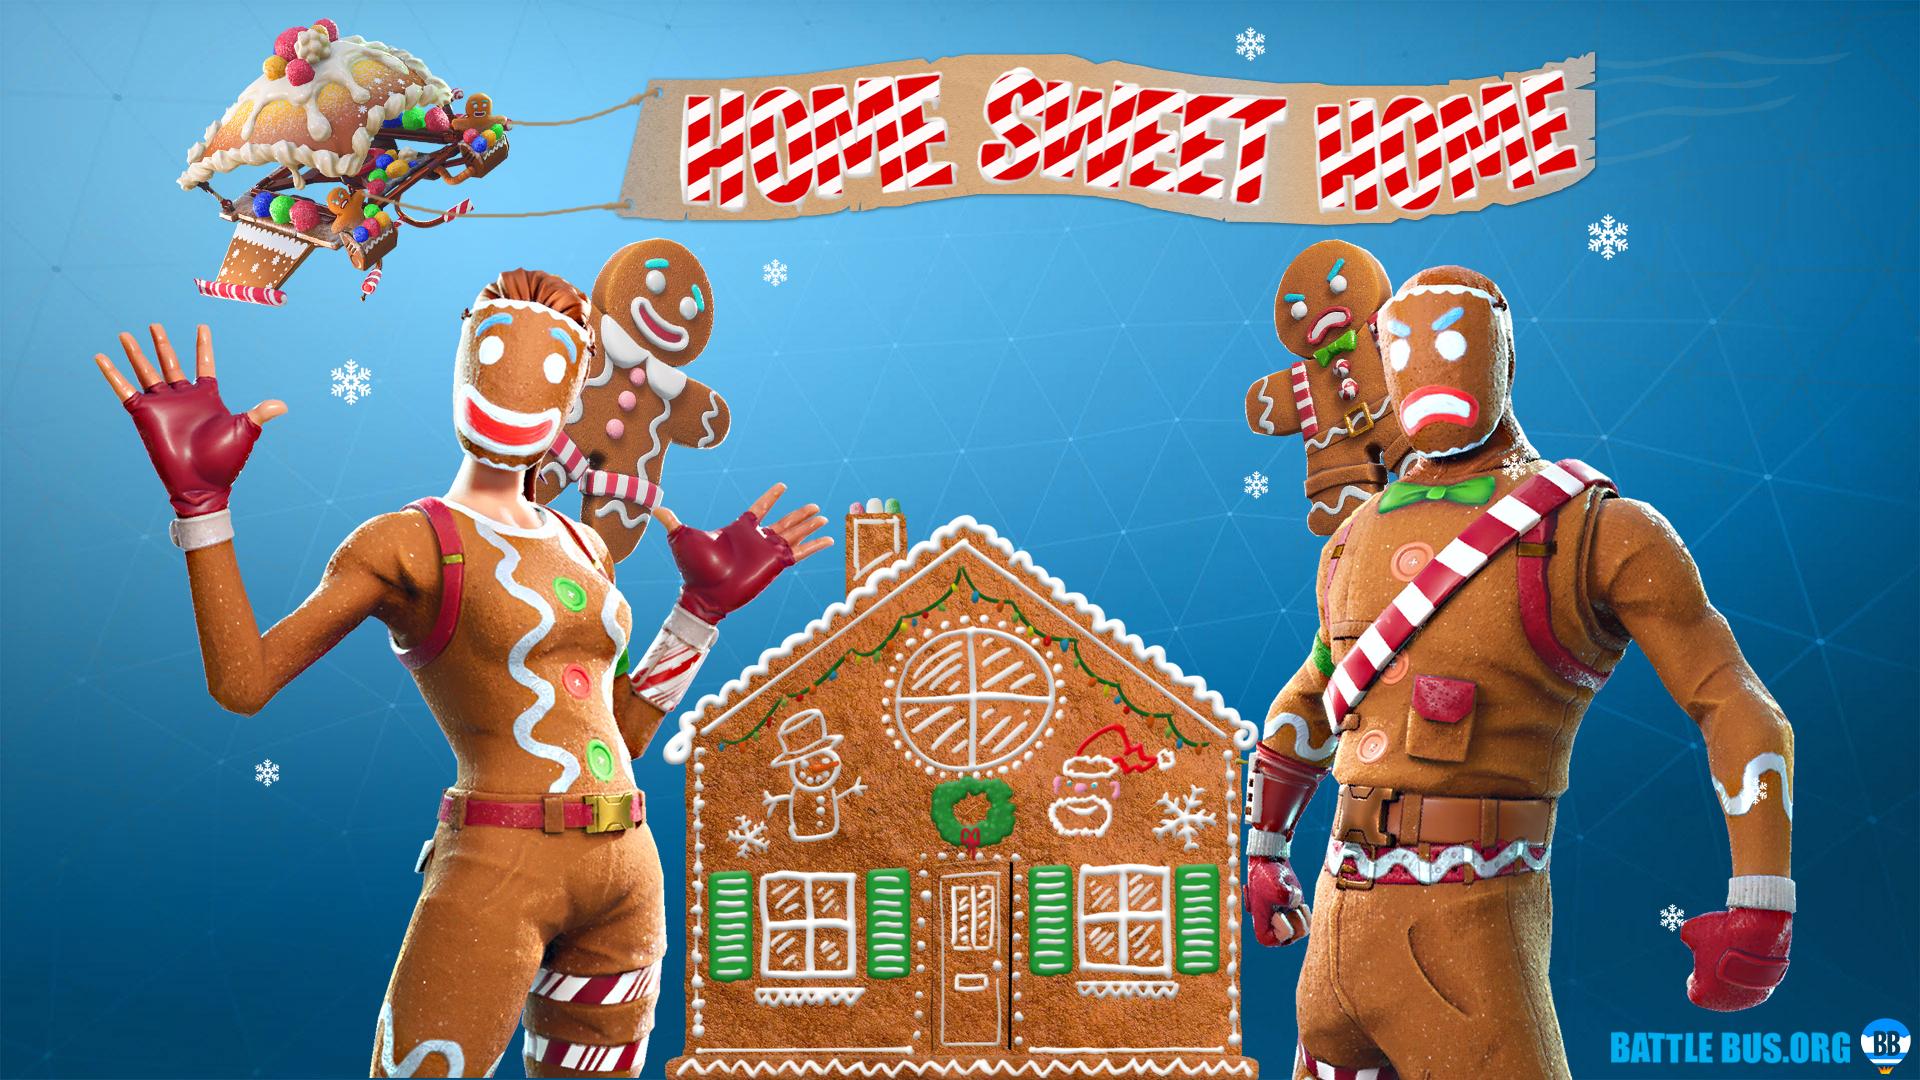 15 Fortnite Gingerbread Wallpapers On Wallpapersafari